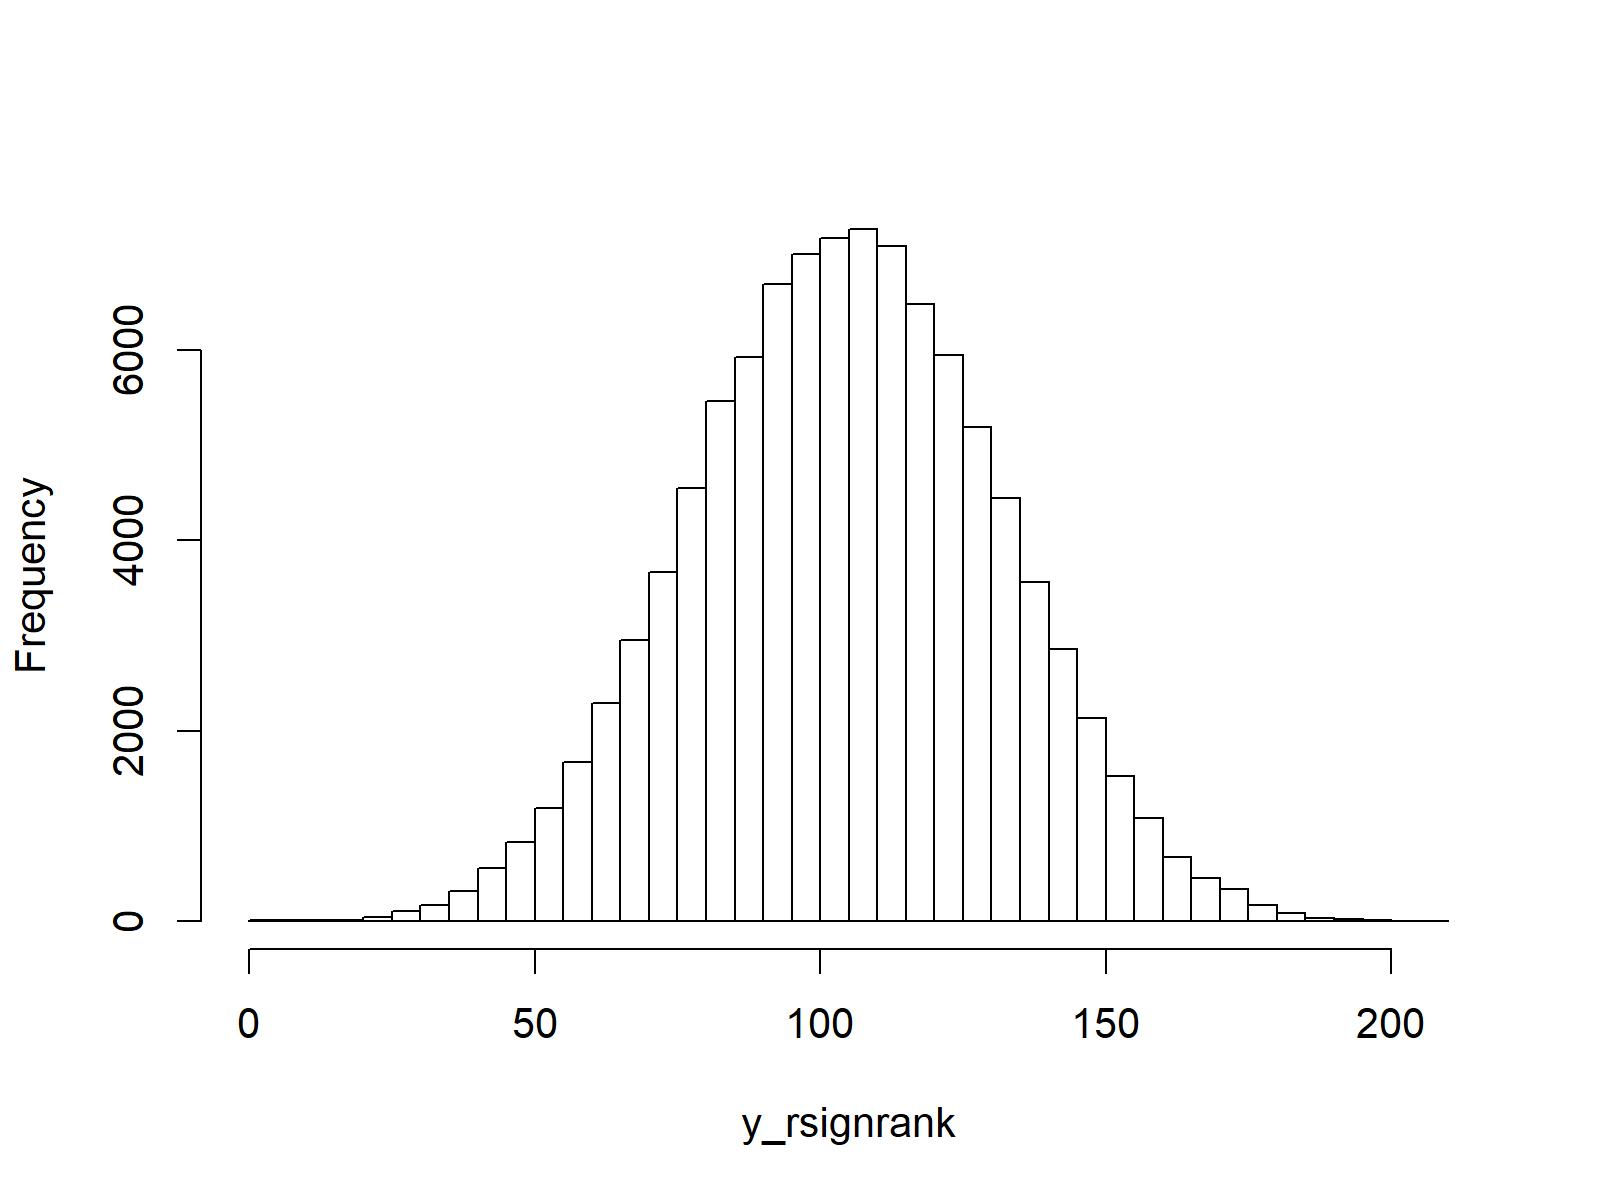 rsignrank in R